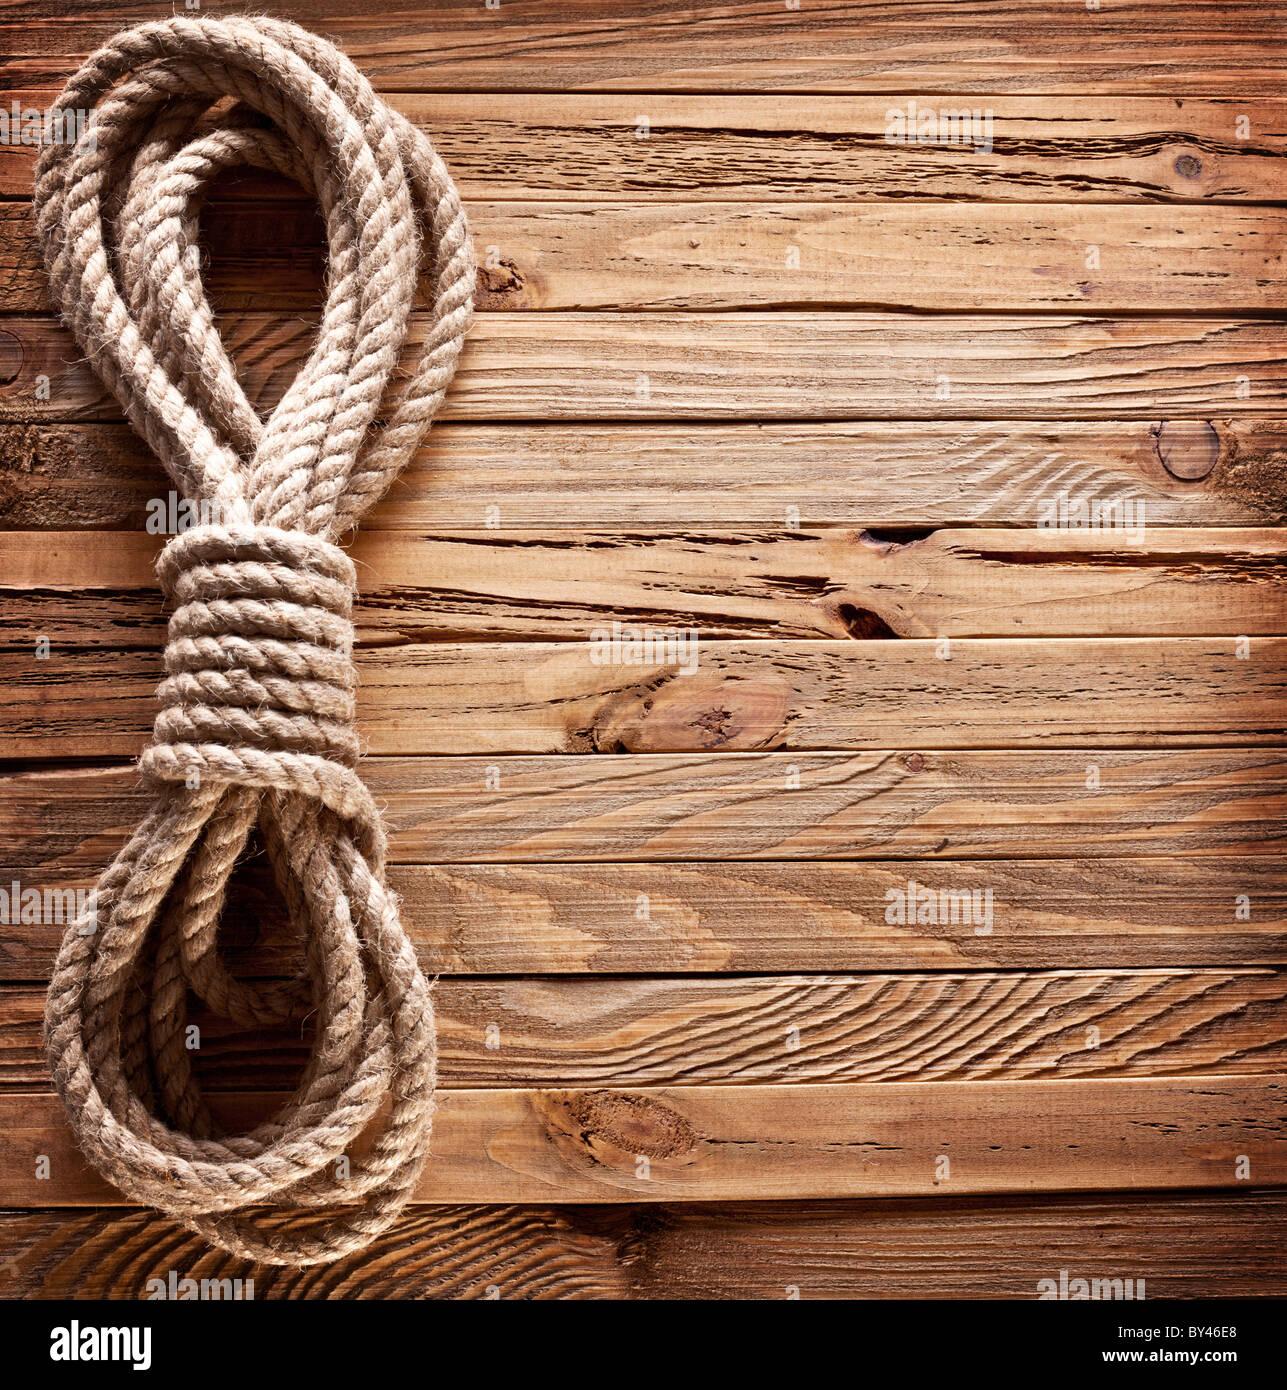 Image de texture de vieux navires en bois avec corde. Photo Stock